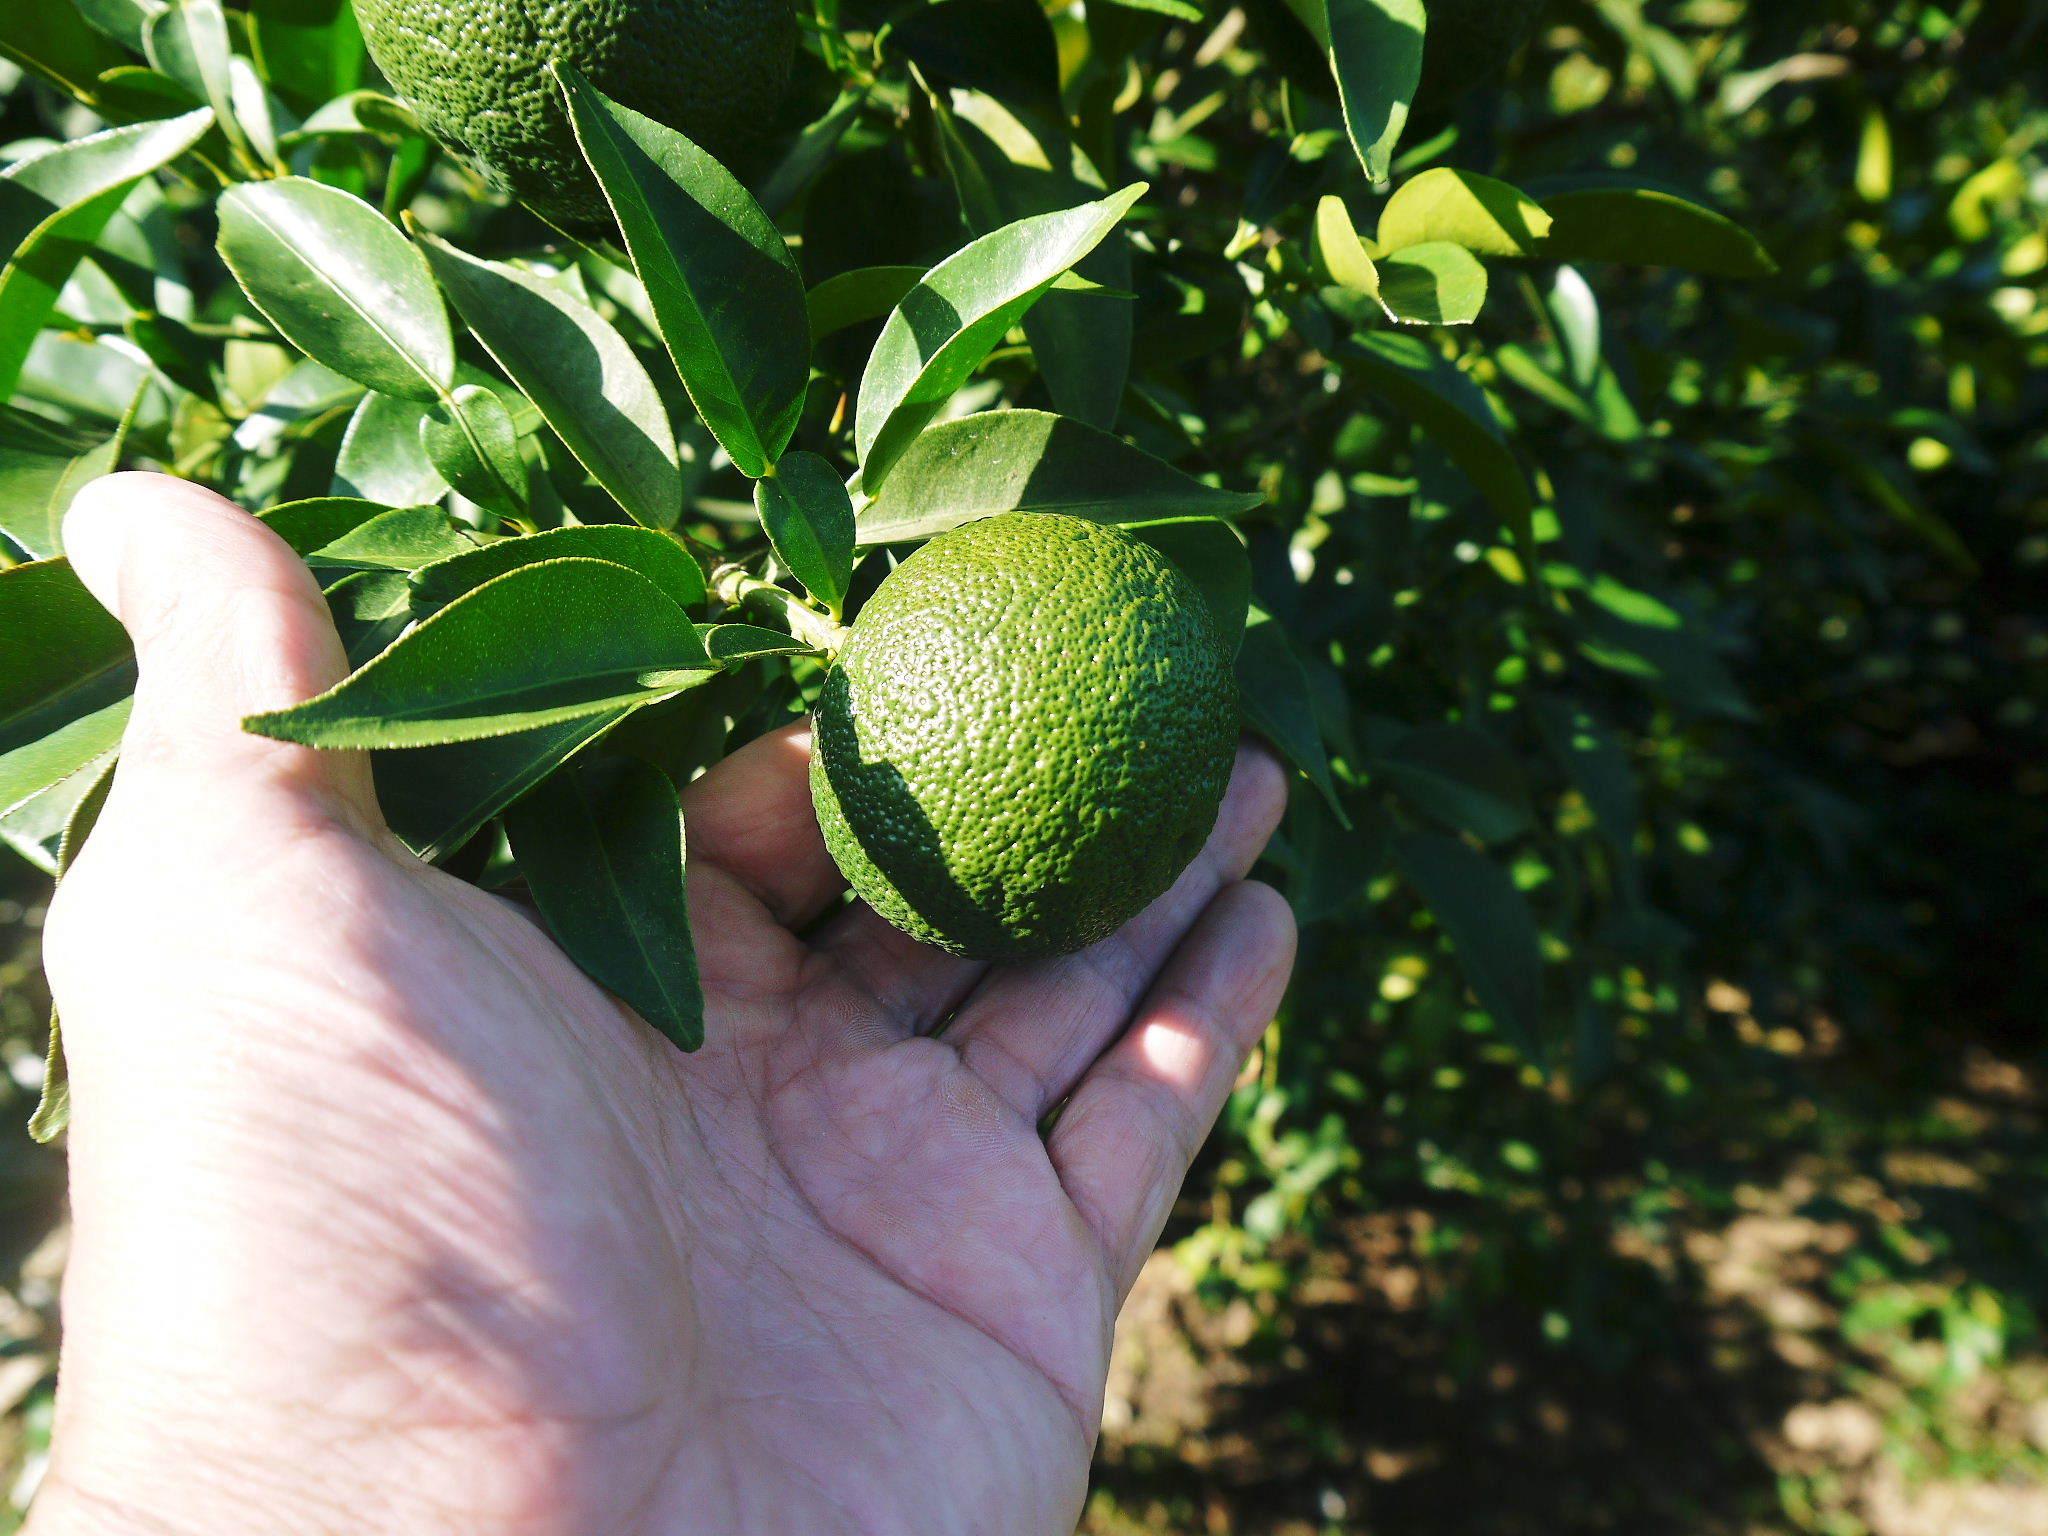 香り高き柚子(ゆず)令和2年の青柚子は9月中旬より出荷予定!今のうち青唐辛子を購入しておいて下さい!_a0254656_18163615.jpg